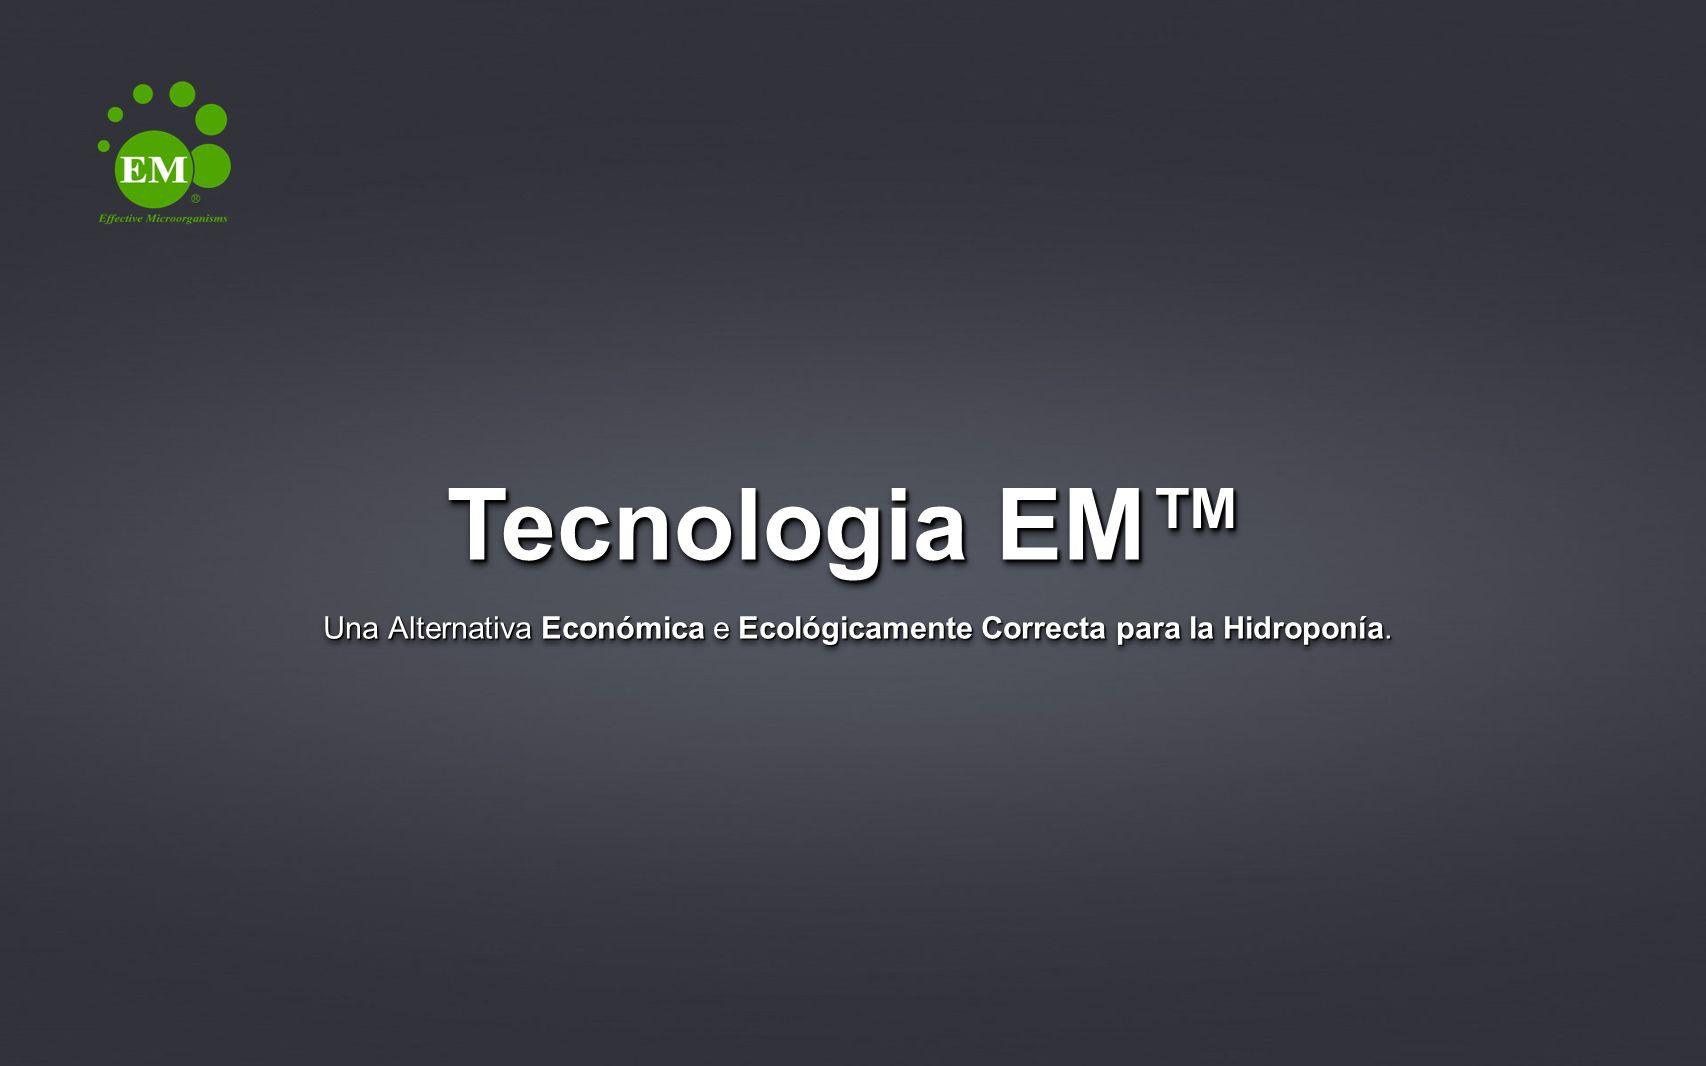 Tecnologia EM Una Alternativa Económica e Ecológicamente Correcta para la Hidroponía.